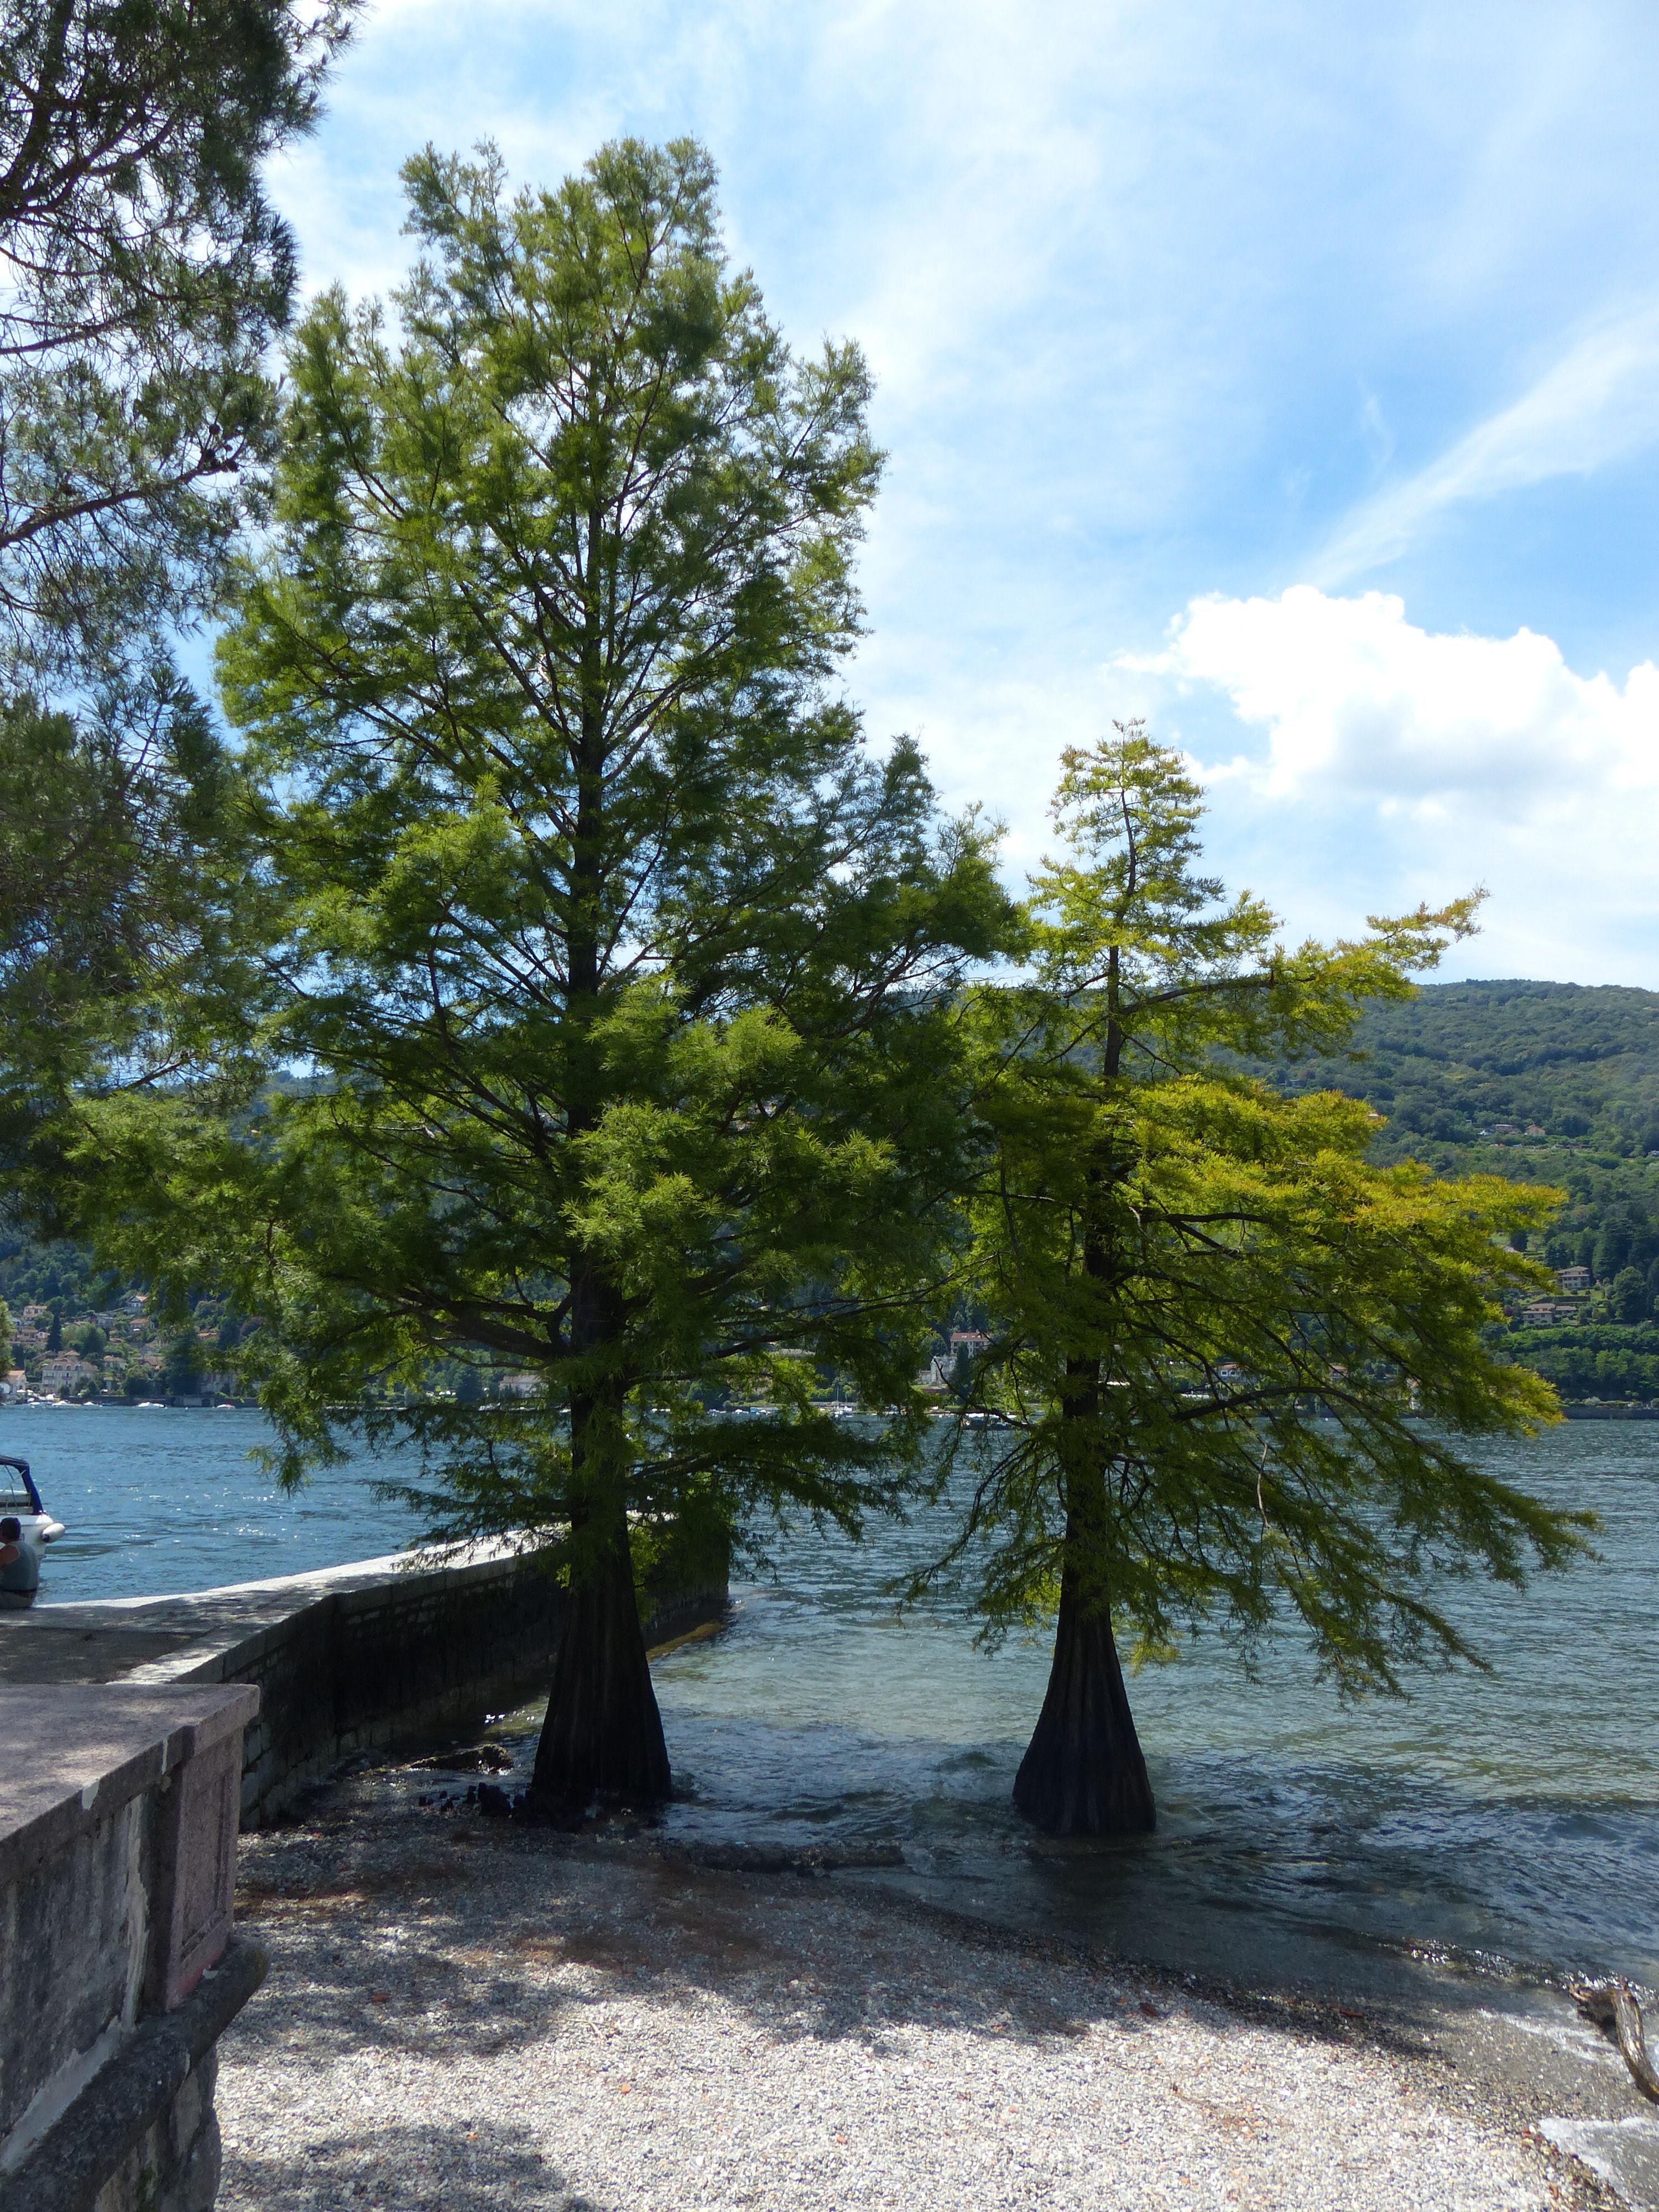 © Dipartimento di Scienze della Vita, Università di Trieste<br>by Andrea Moro<br>Comune di Stresa, Isola Bella, VB, Piemonte, Italia, 18/07/2012<br>Distributed under CC-BY-SA 4.0 license.